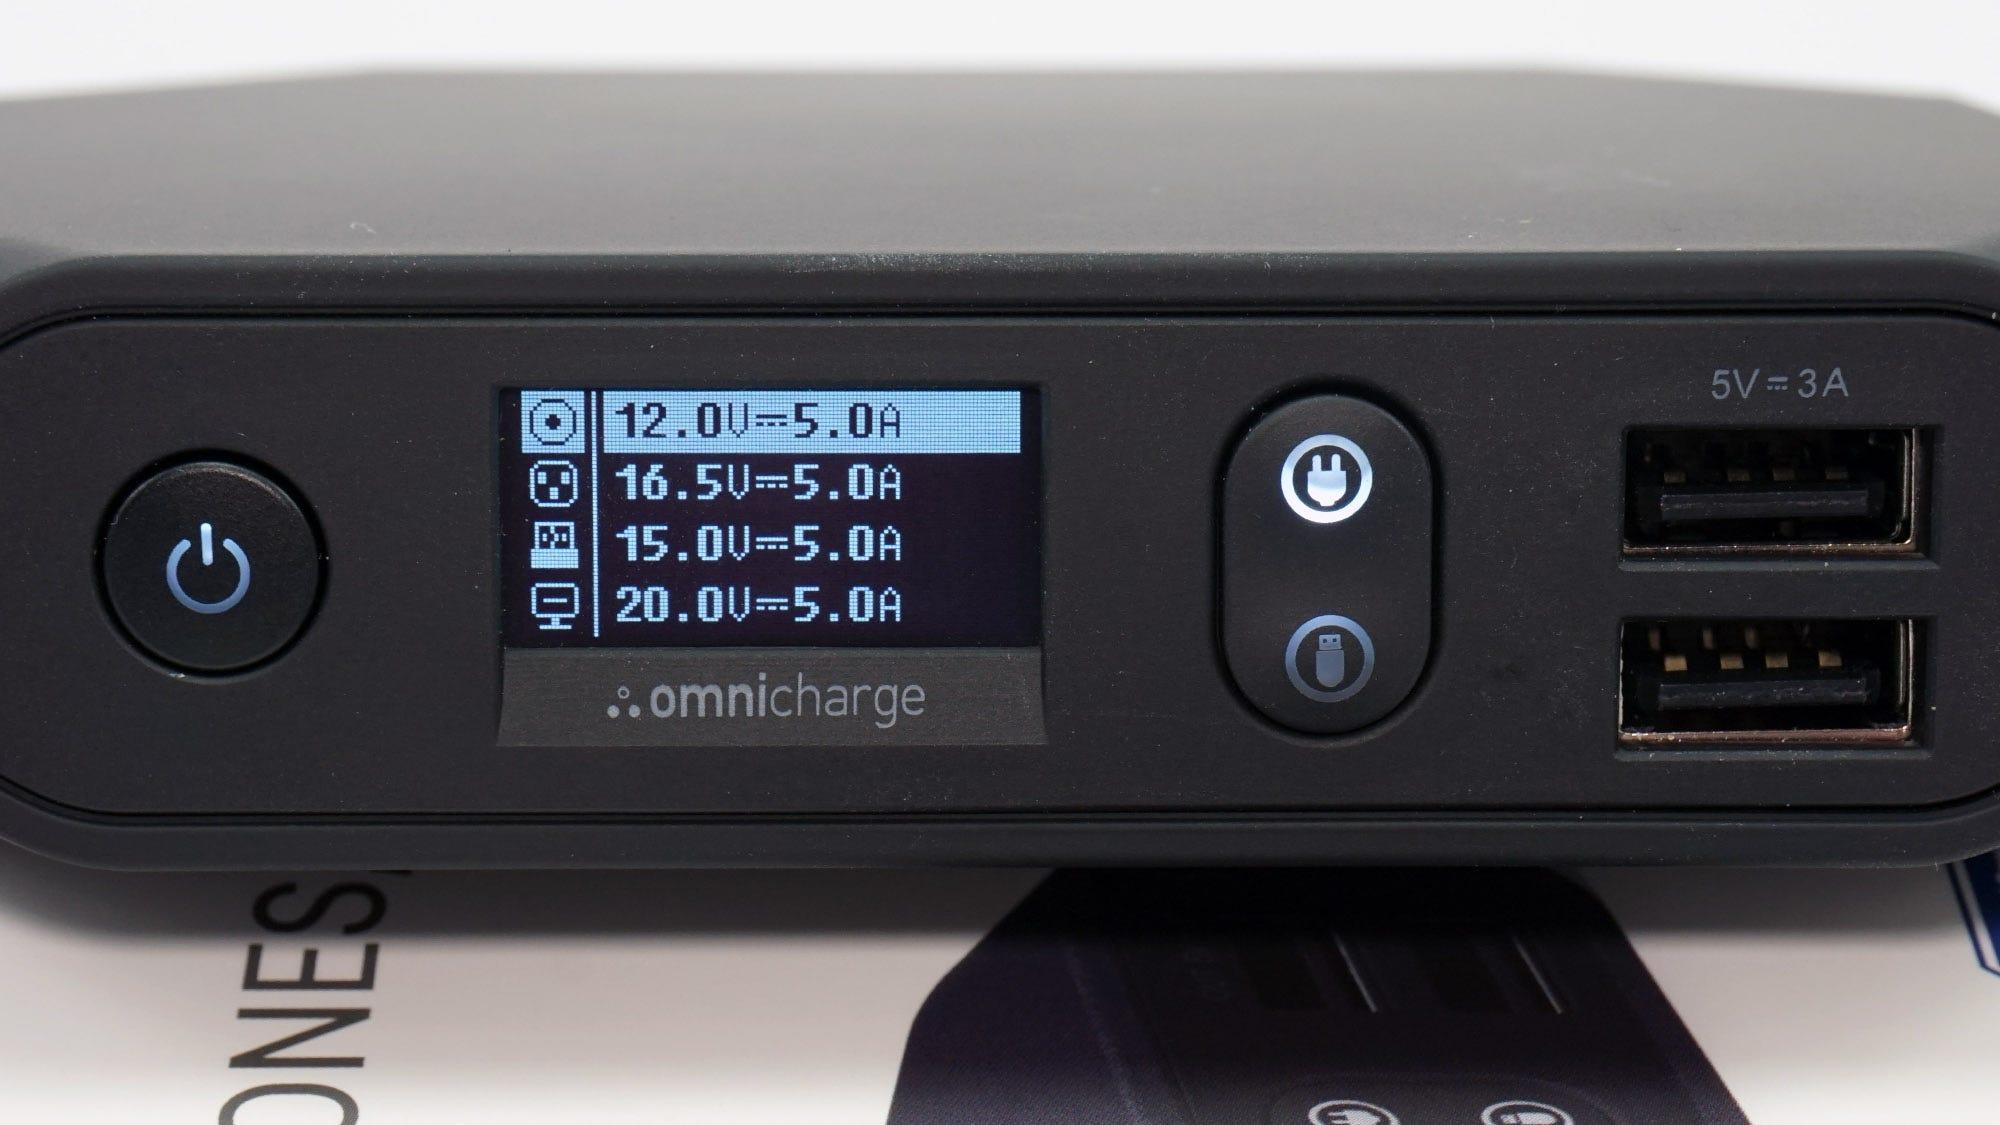 The DC barrel charging port is highly adjustable, handy for enterprise gadgets.